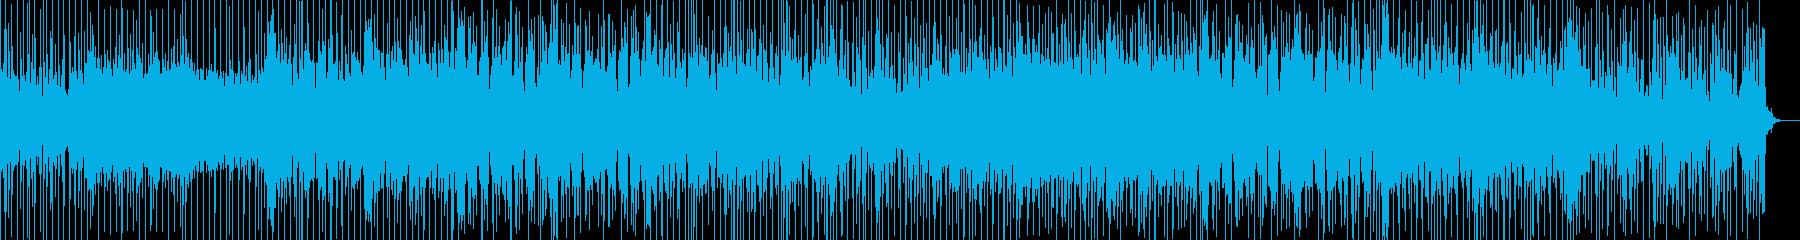 弾けるような明るさと爽やかさのBGMの再生済みの波形